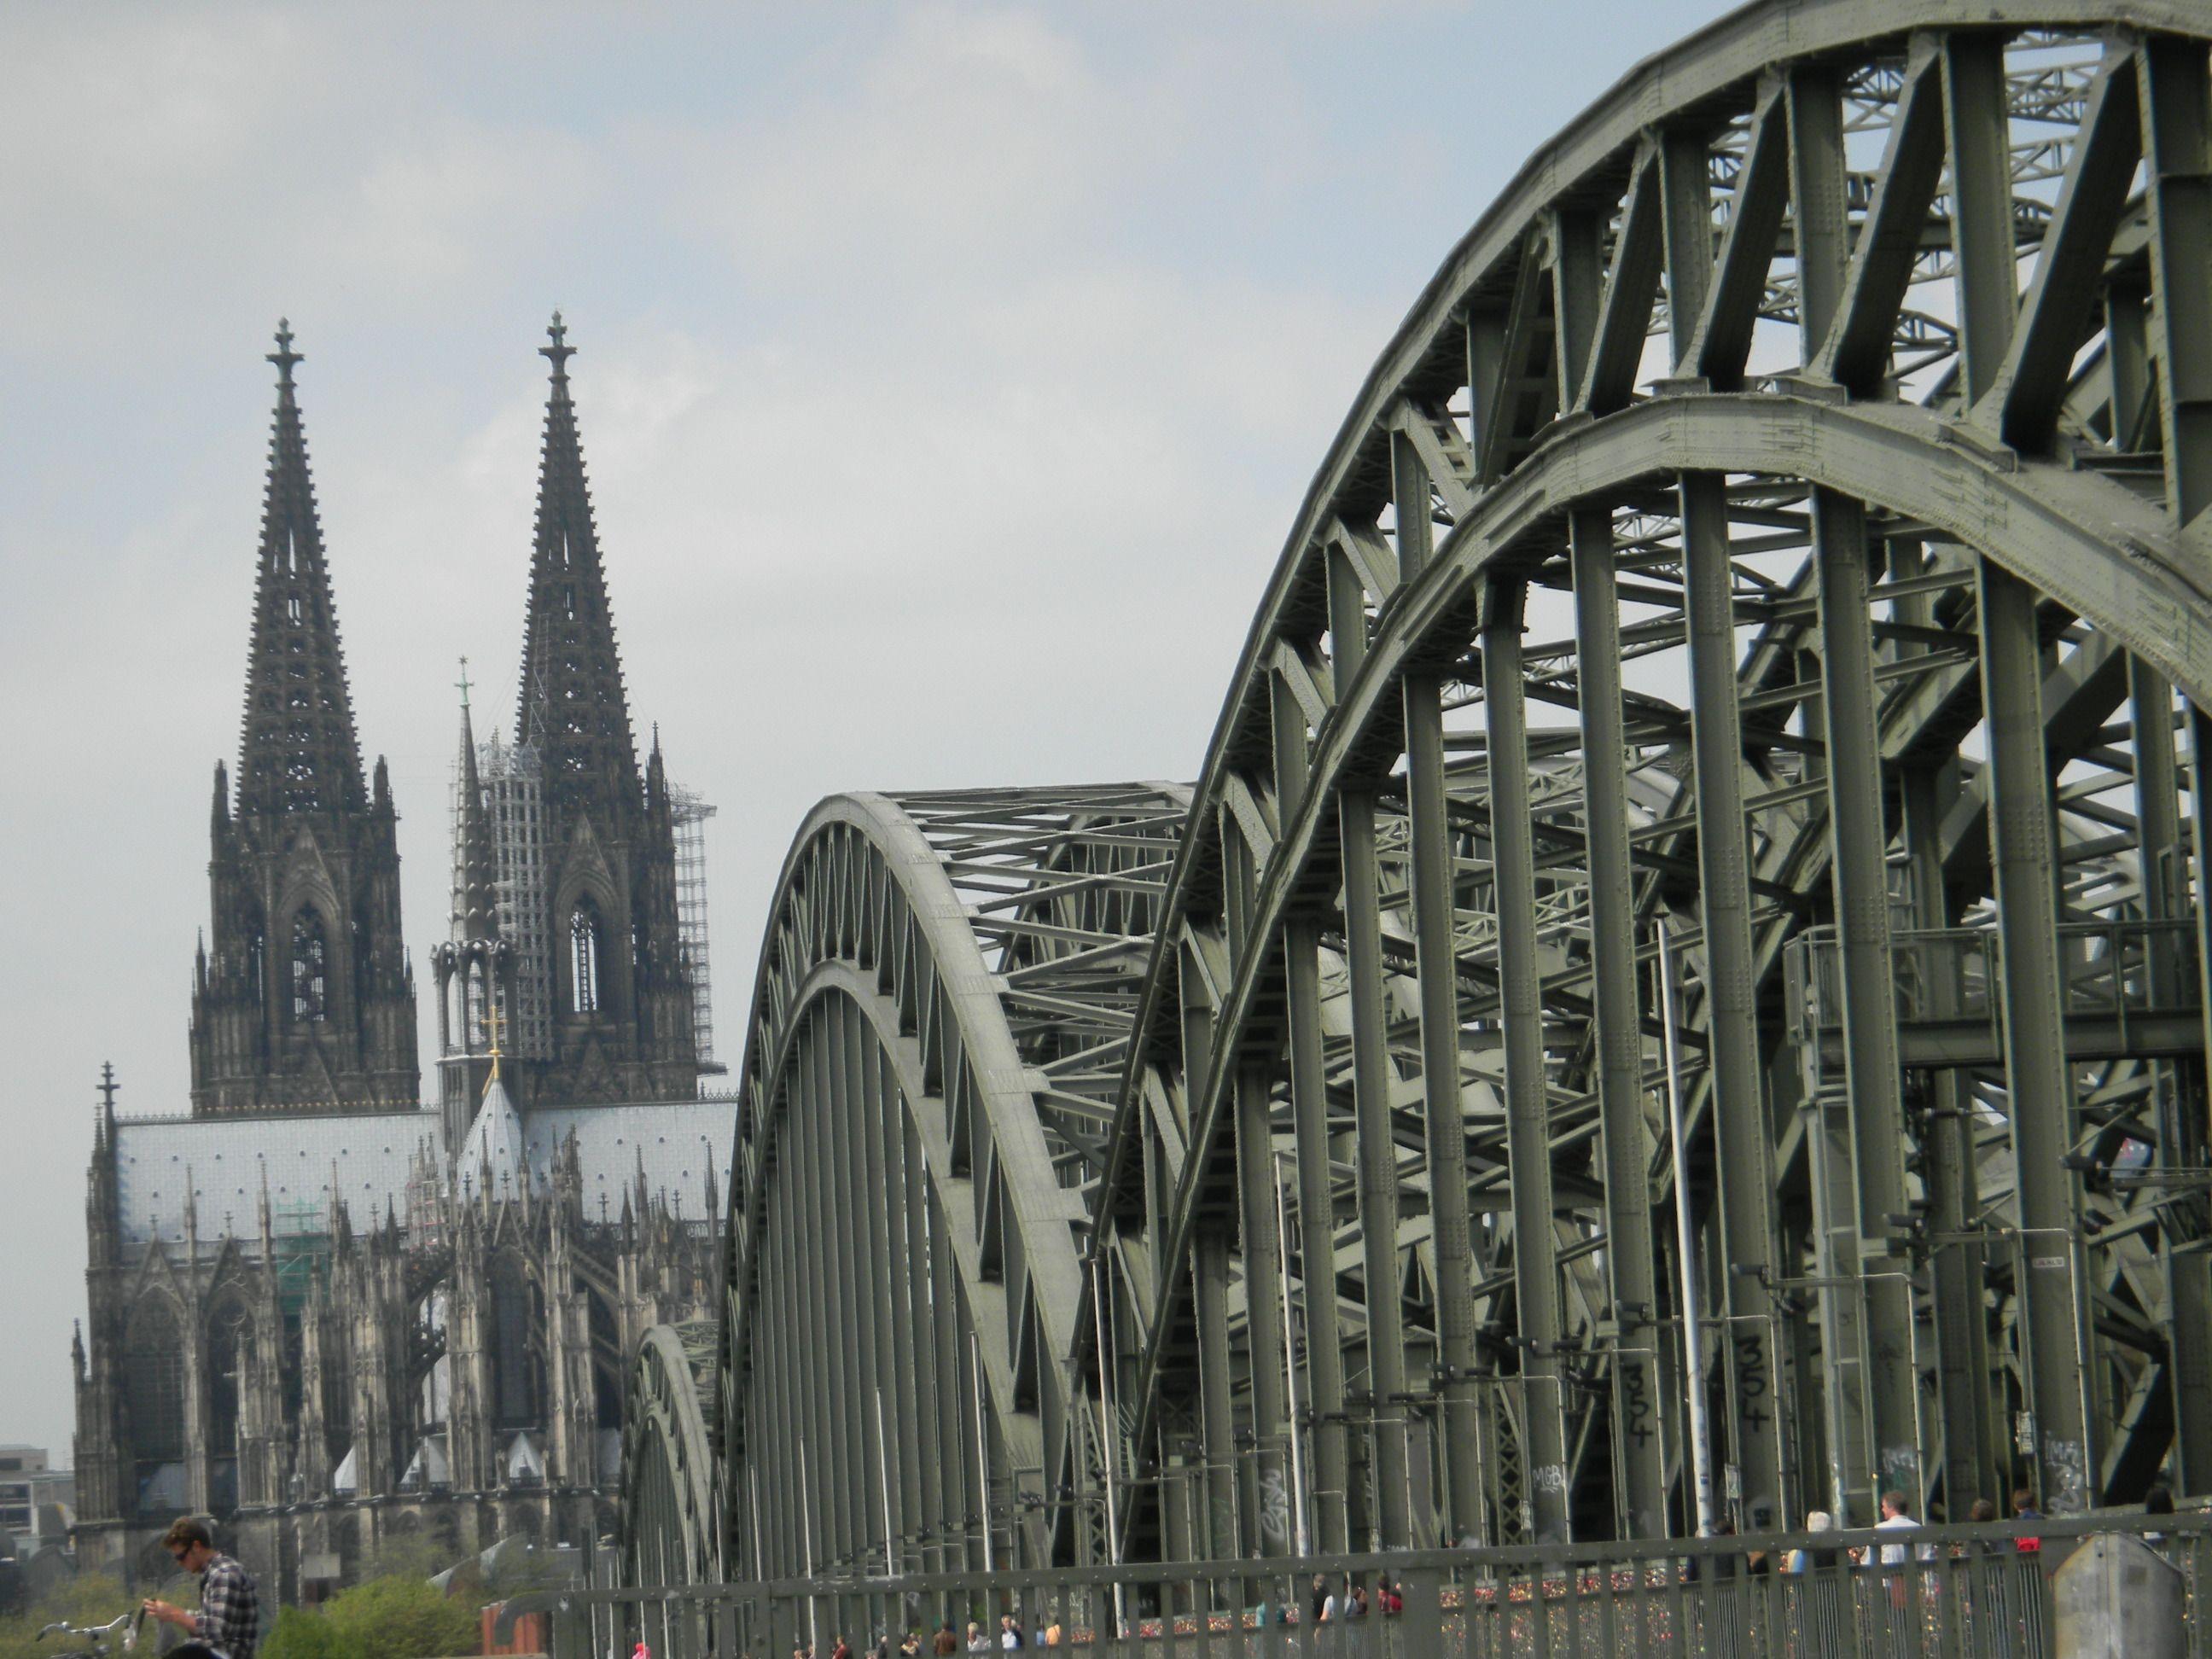 A ponte a Catedral de Colônia - Alemanha